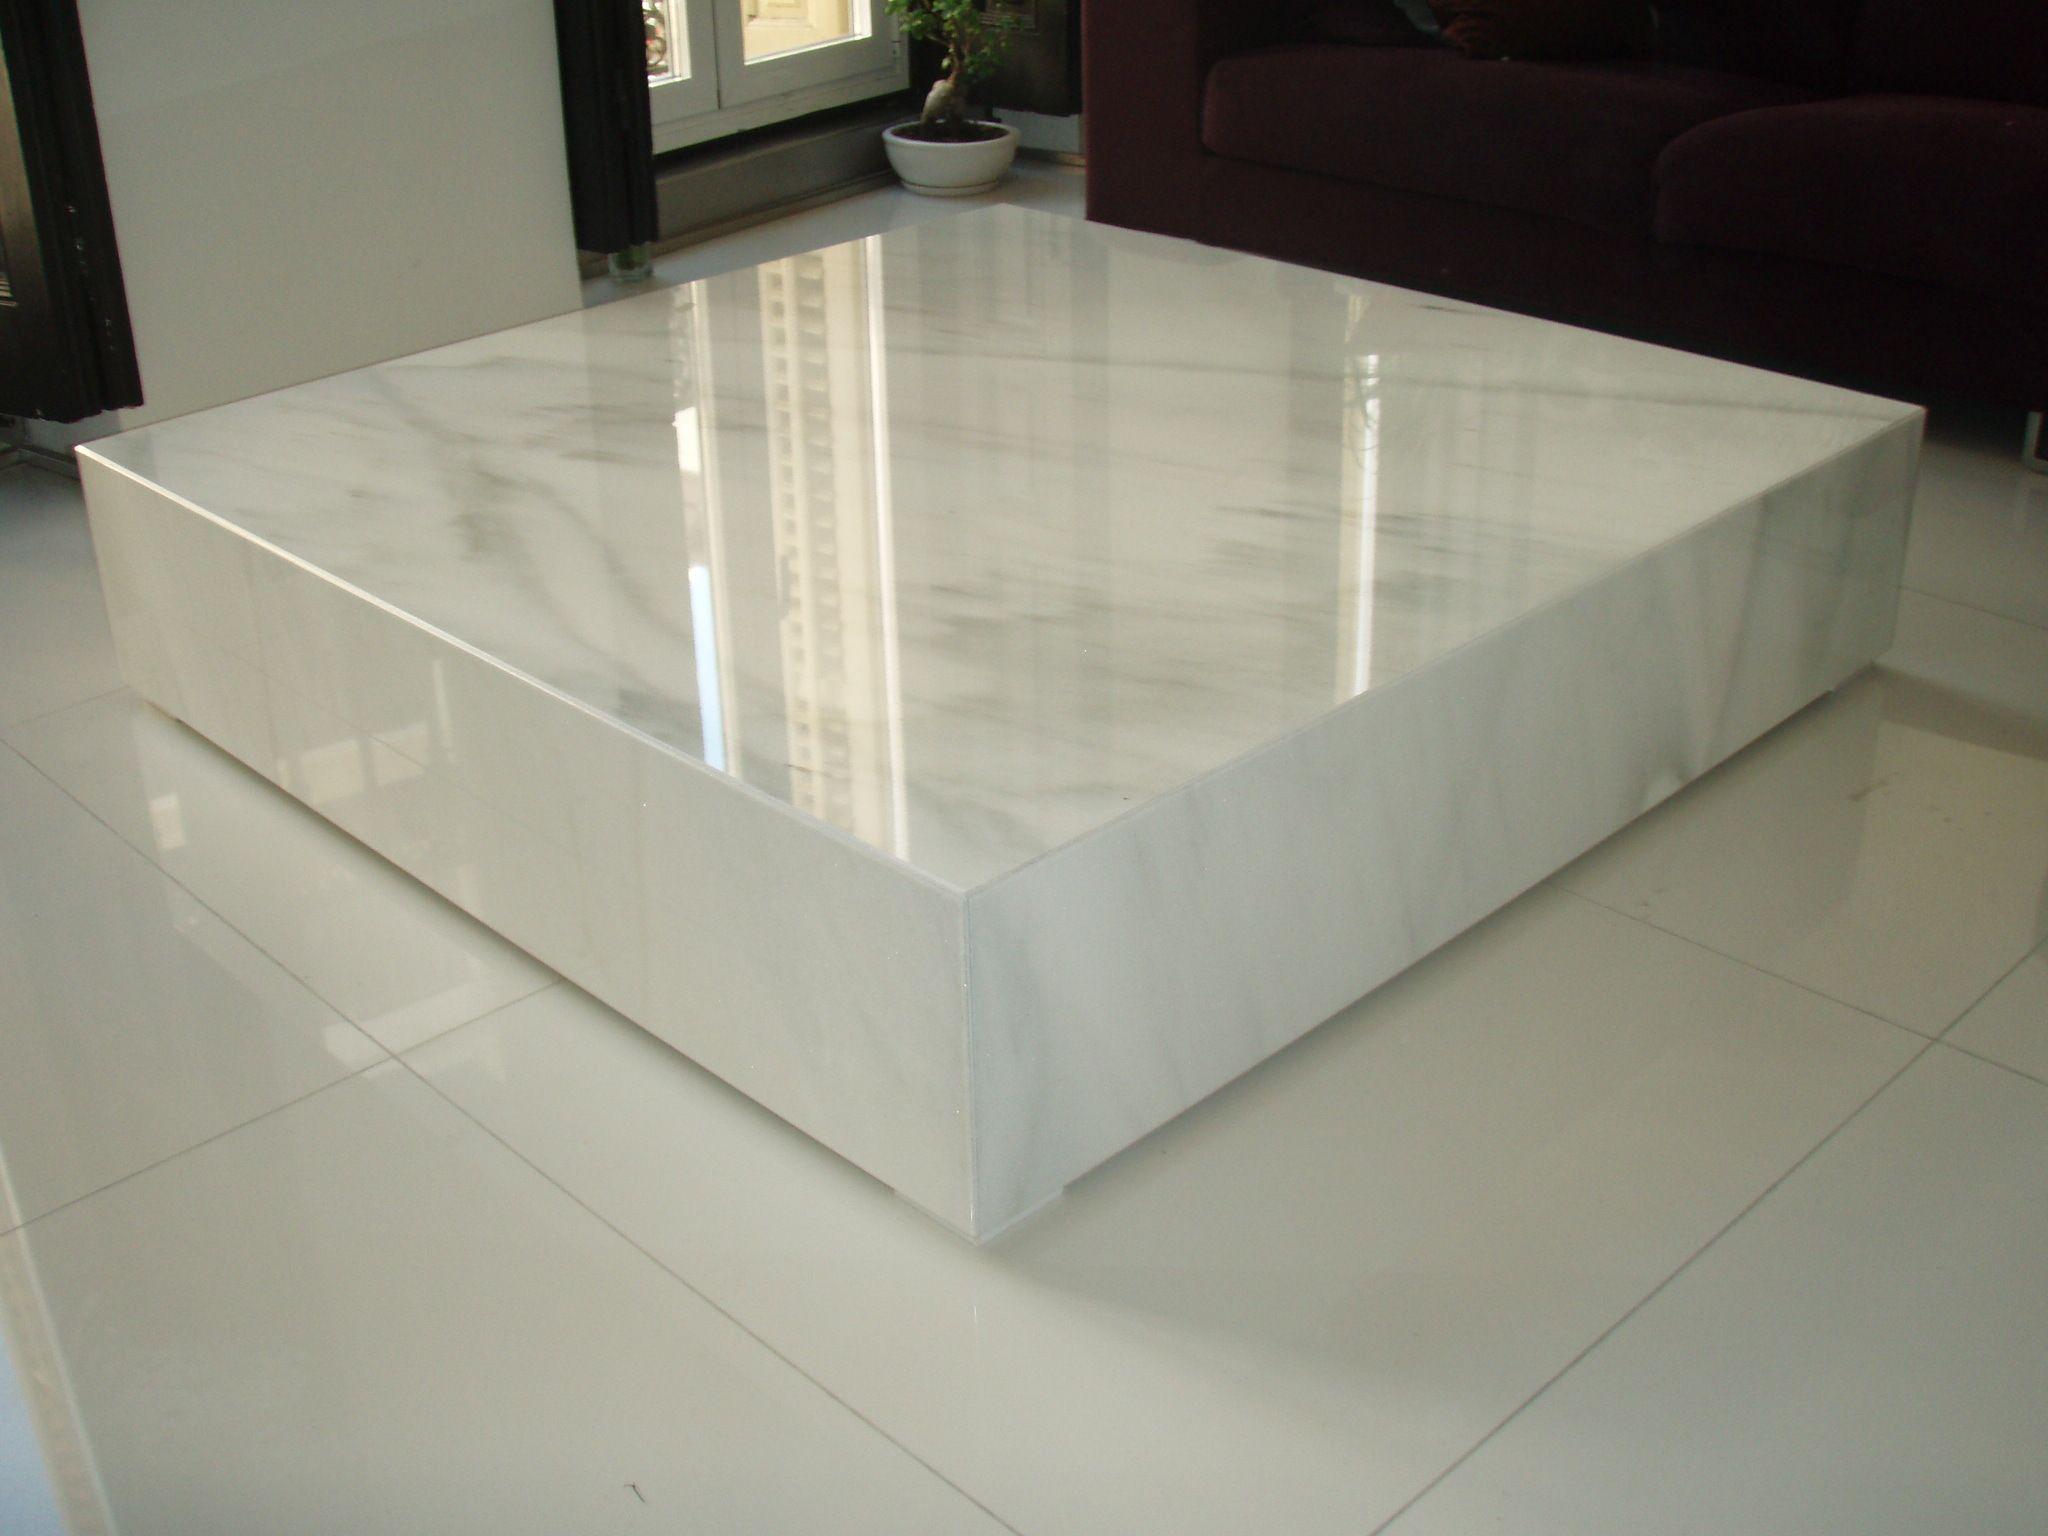 Mesa de marmol blanco macael pulido for Como pulir marmol blanco